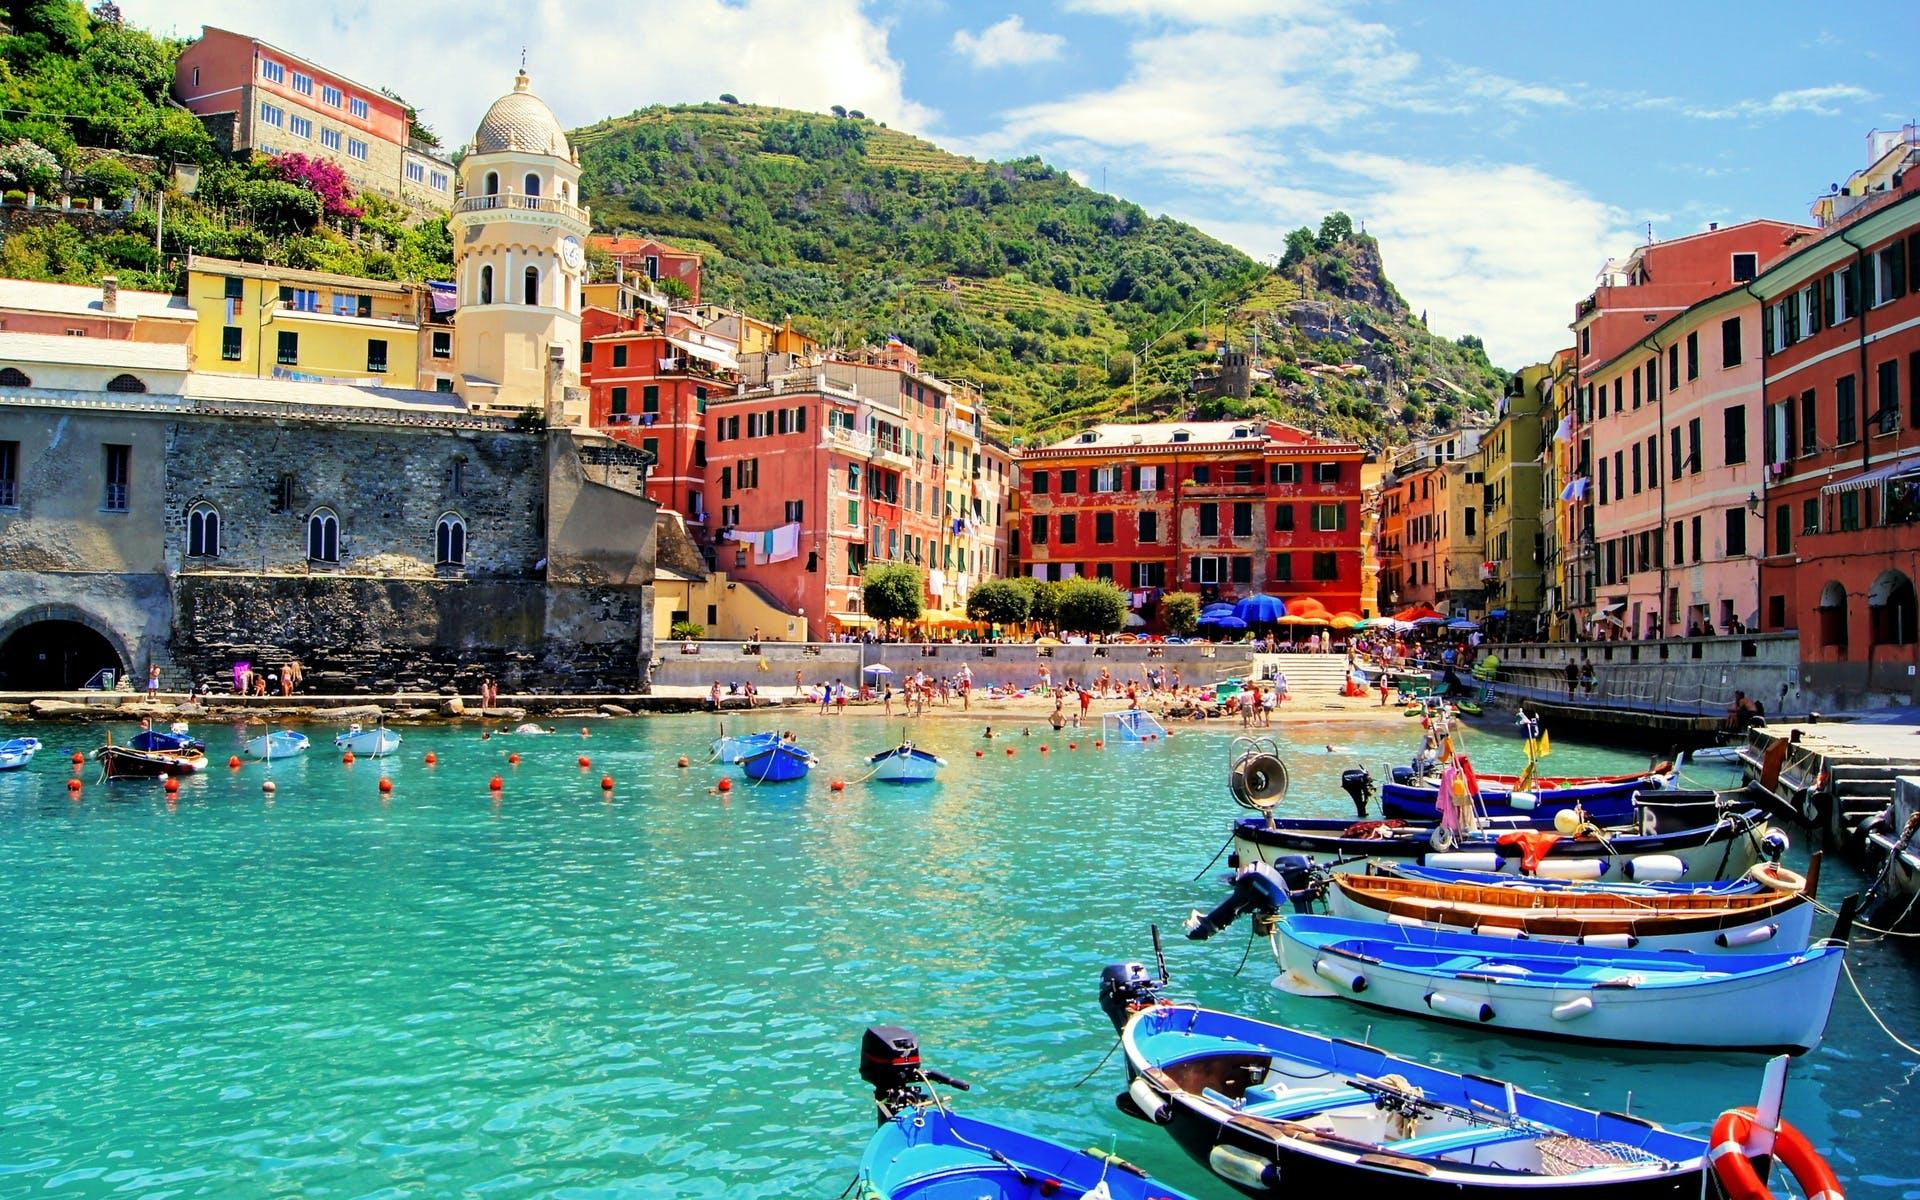 Salir de la ciudad,Excursiones de un día,Excursión a Cinque Terre